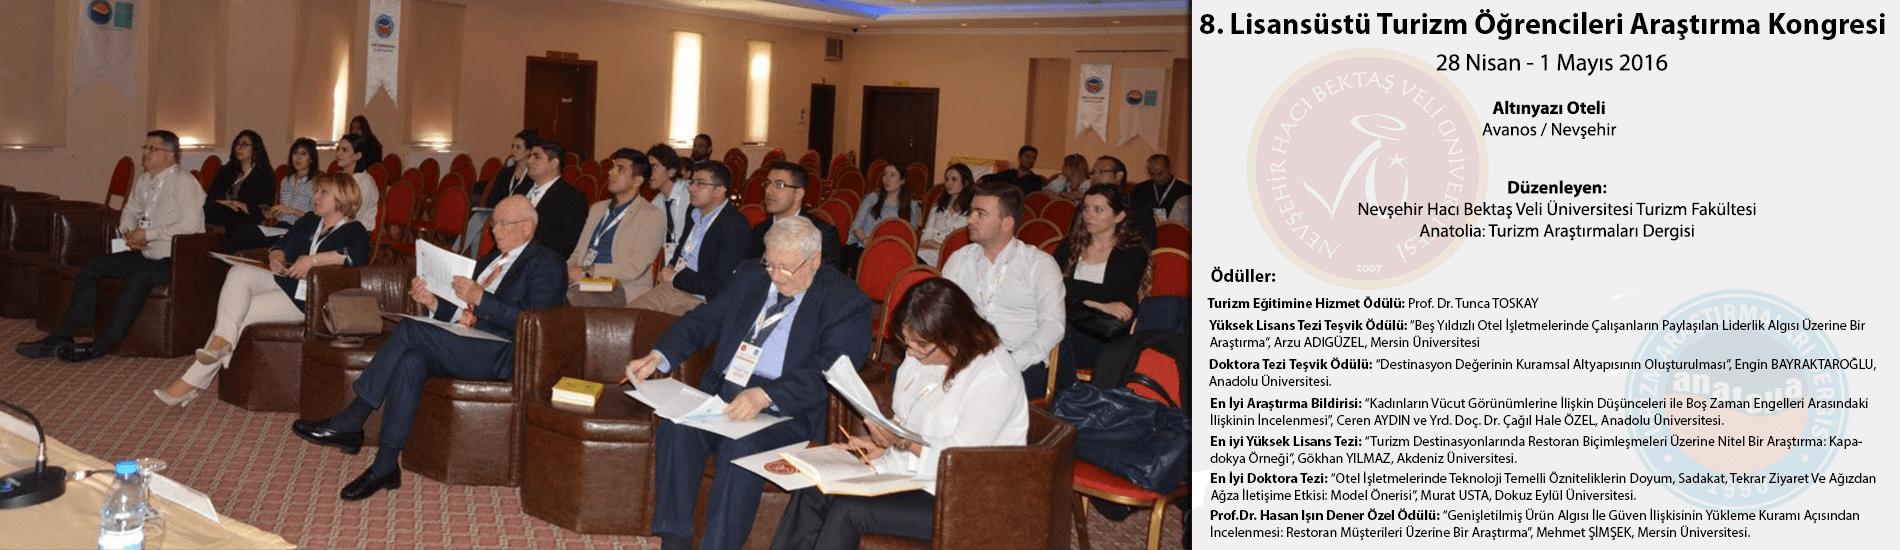 8. Lisansüstü Turizm Öğrencileri Araştırma Kongresi